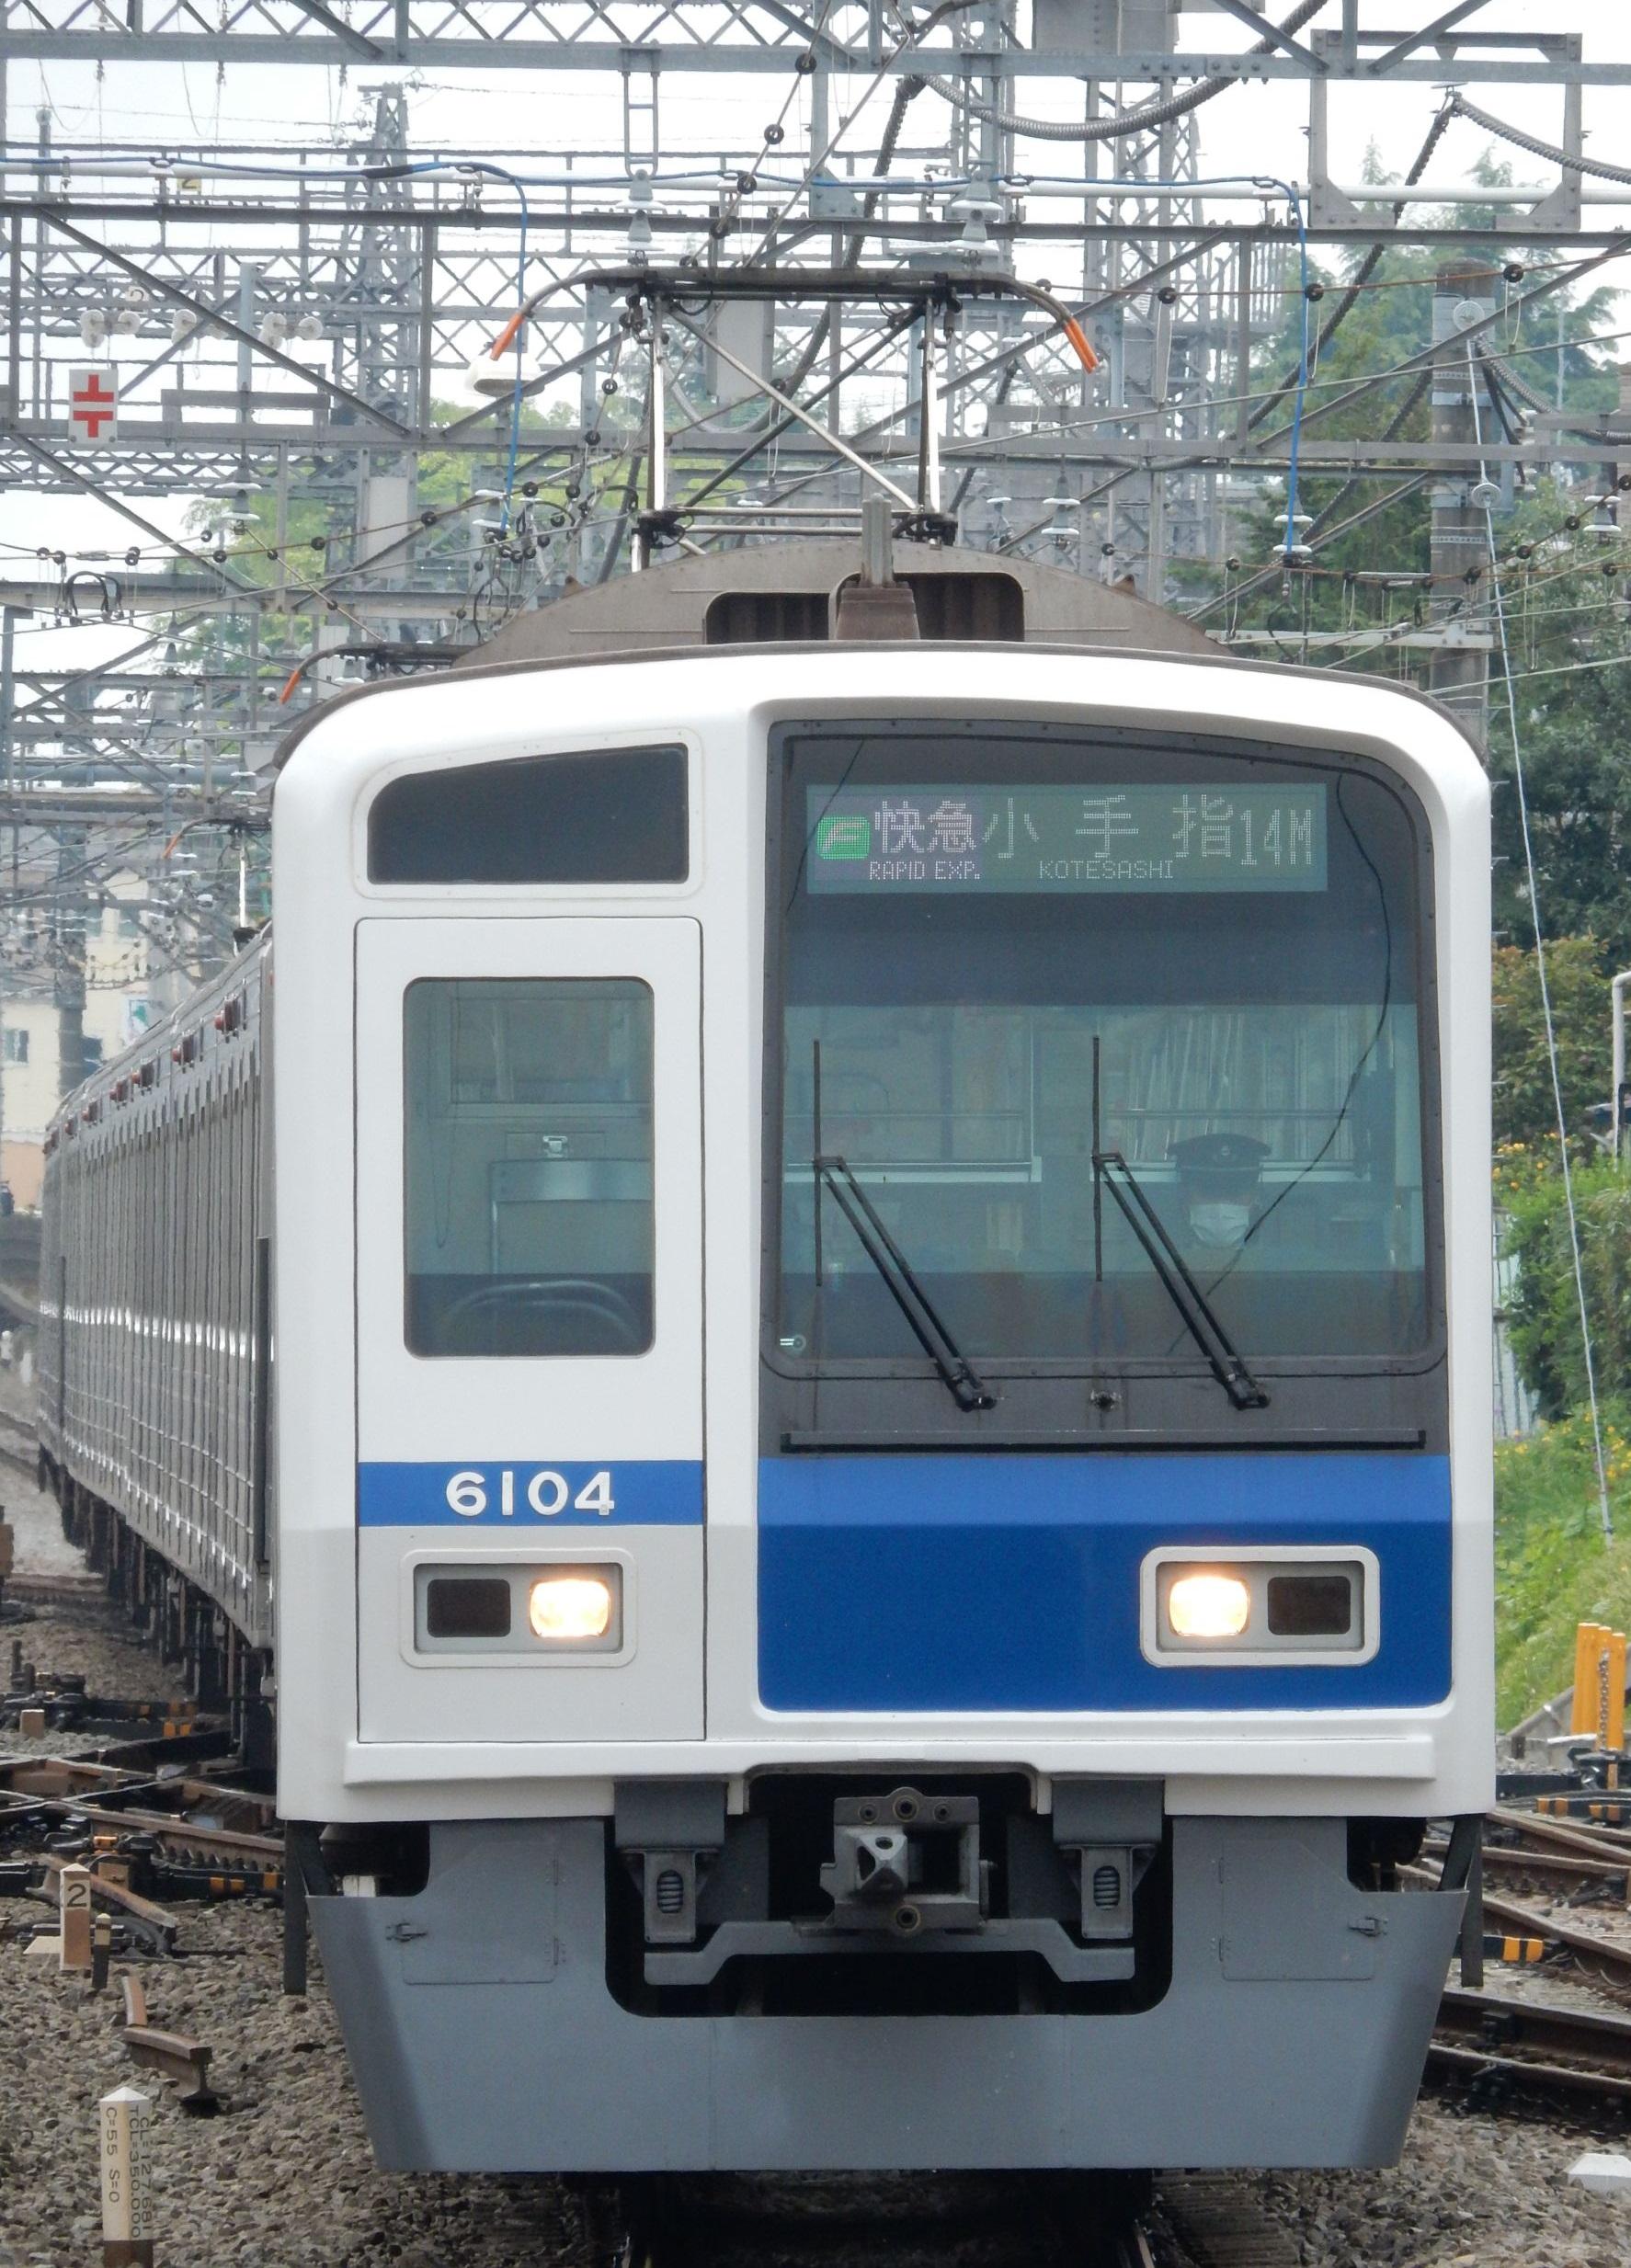 DSCN7935 - コピー